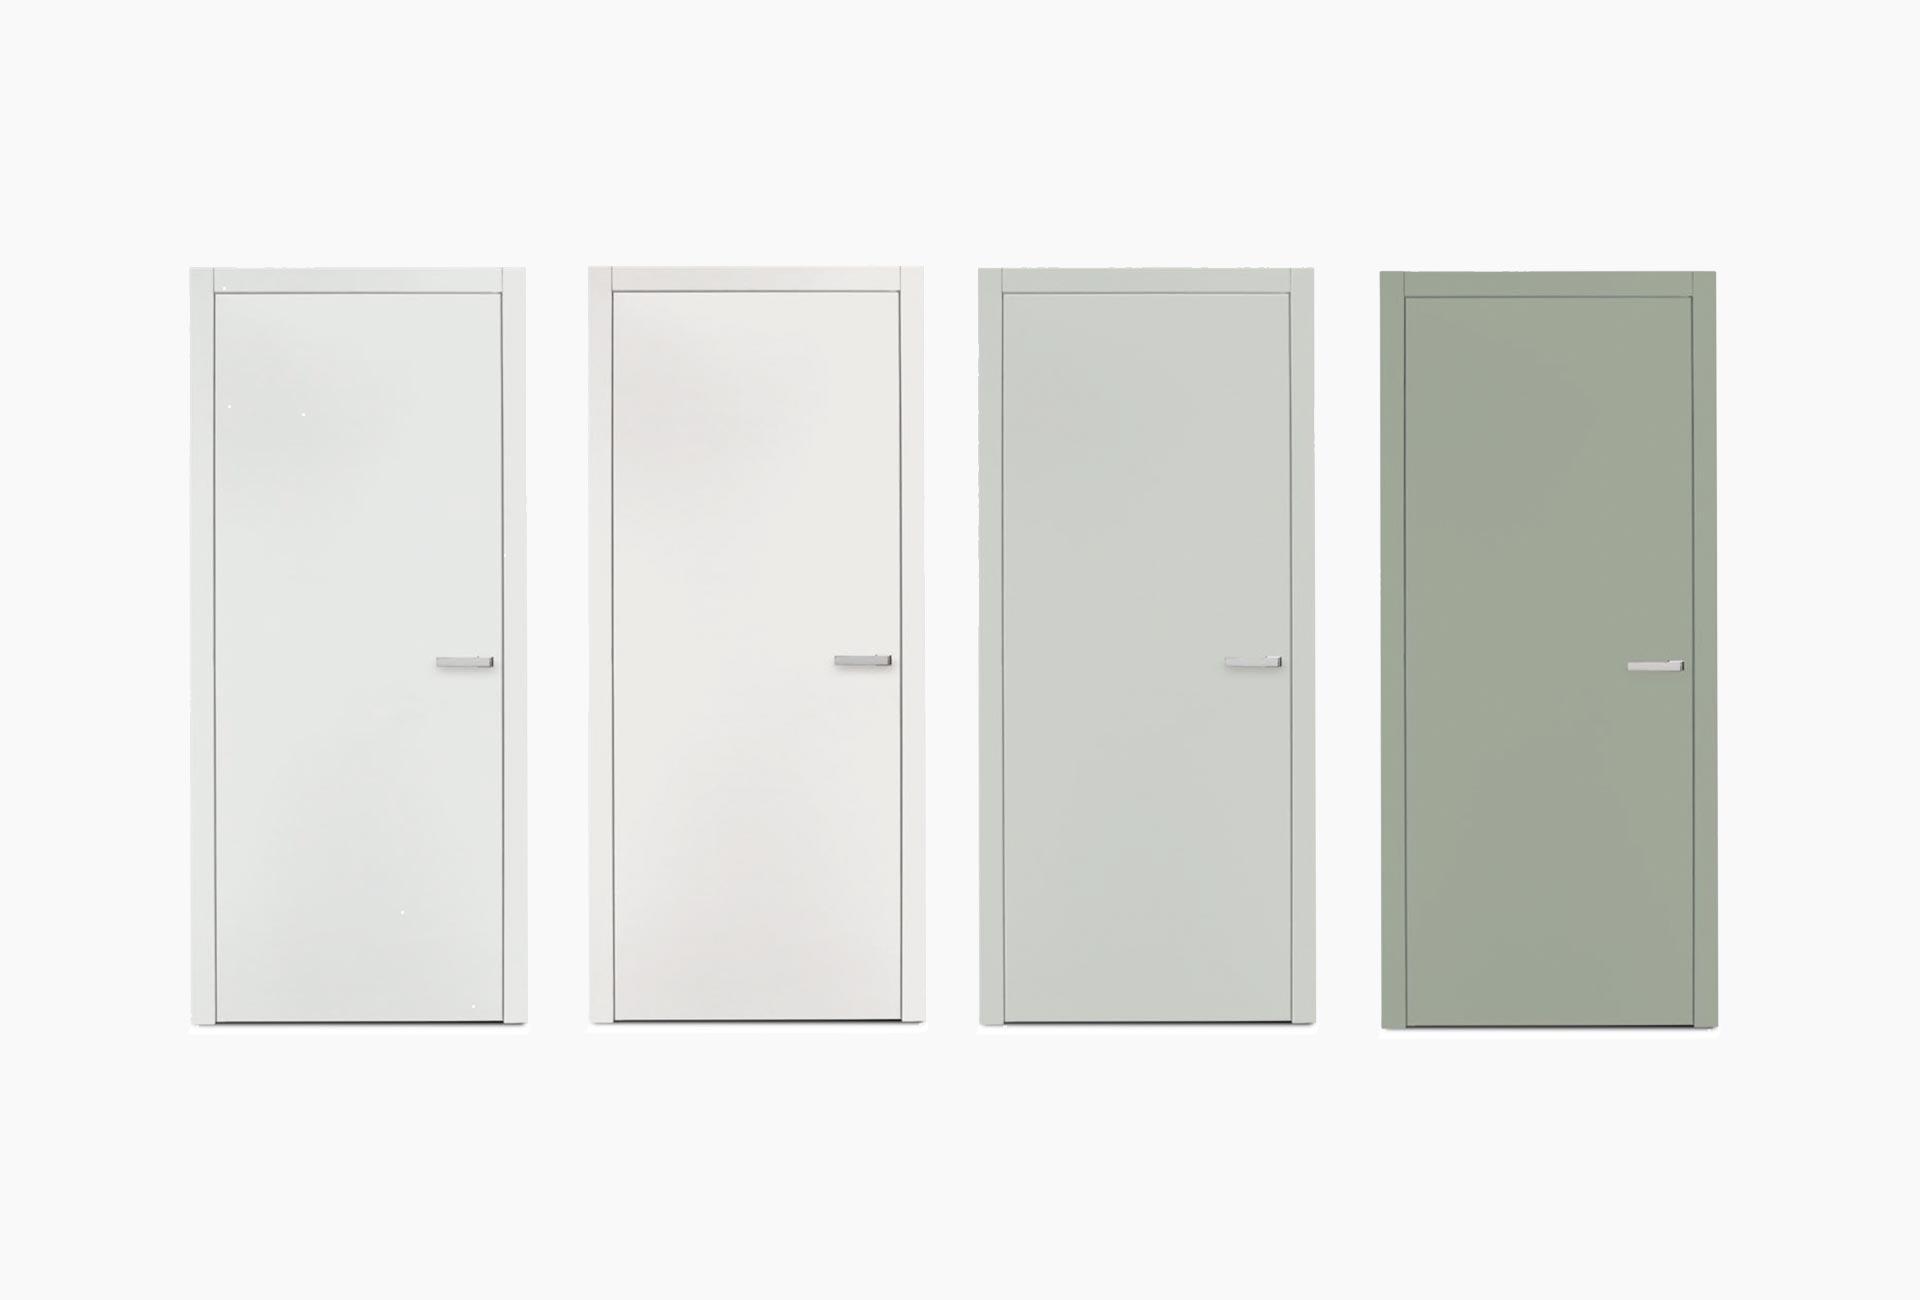 Porte Per Interni Prezzi Foggia porte in legno per interni, design classico e moderno